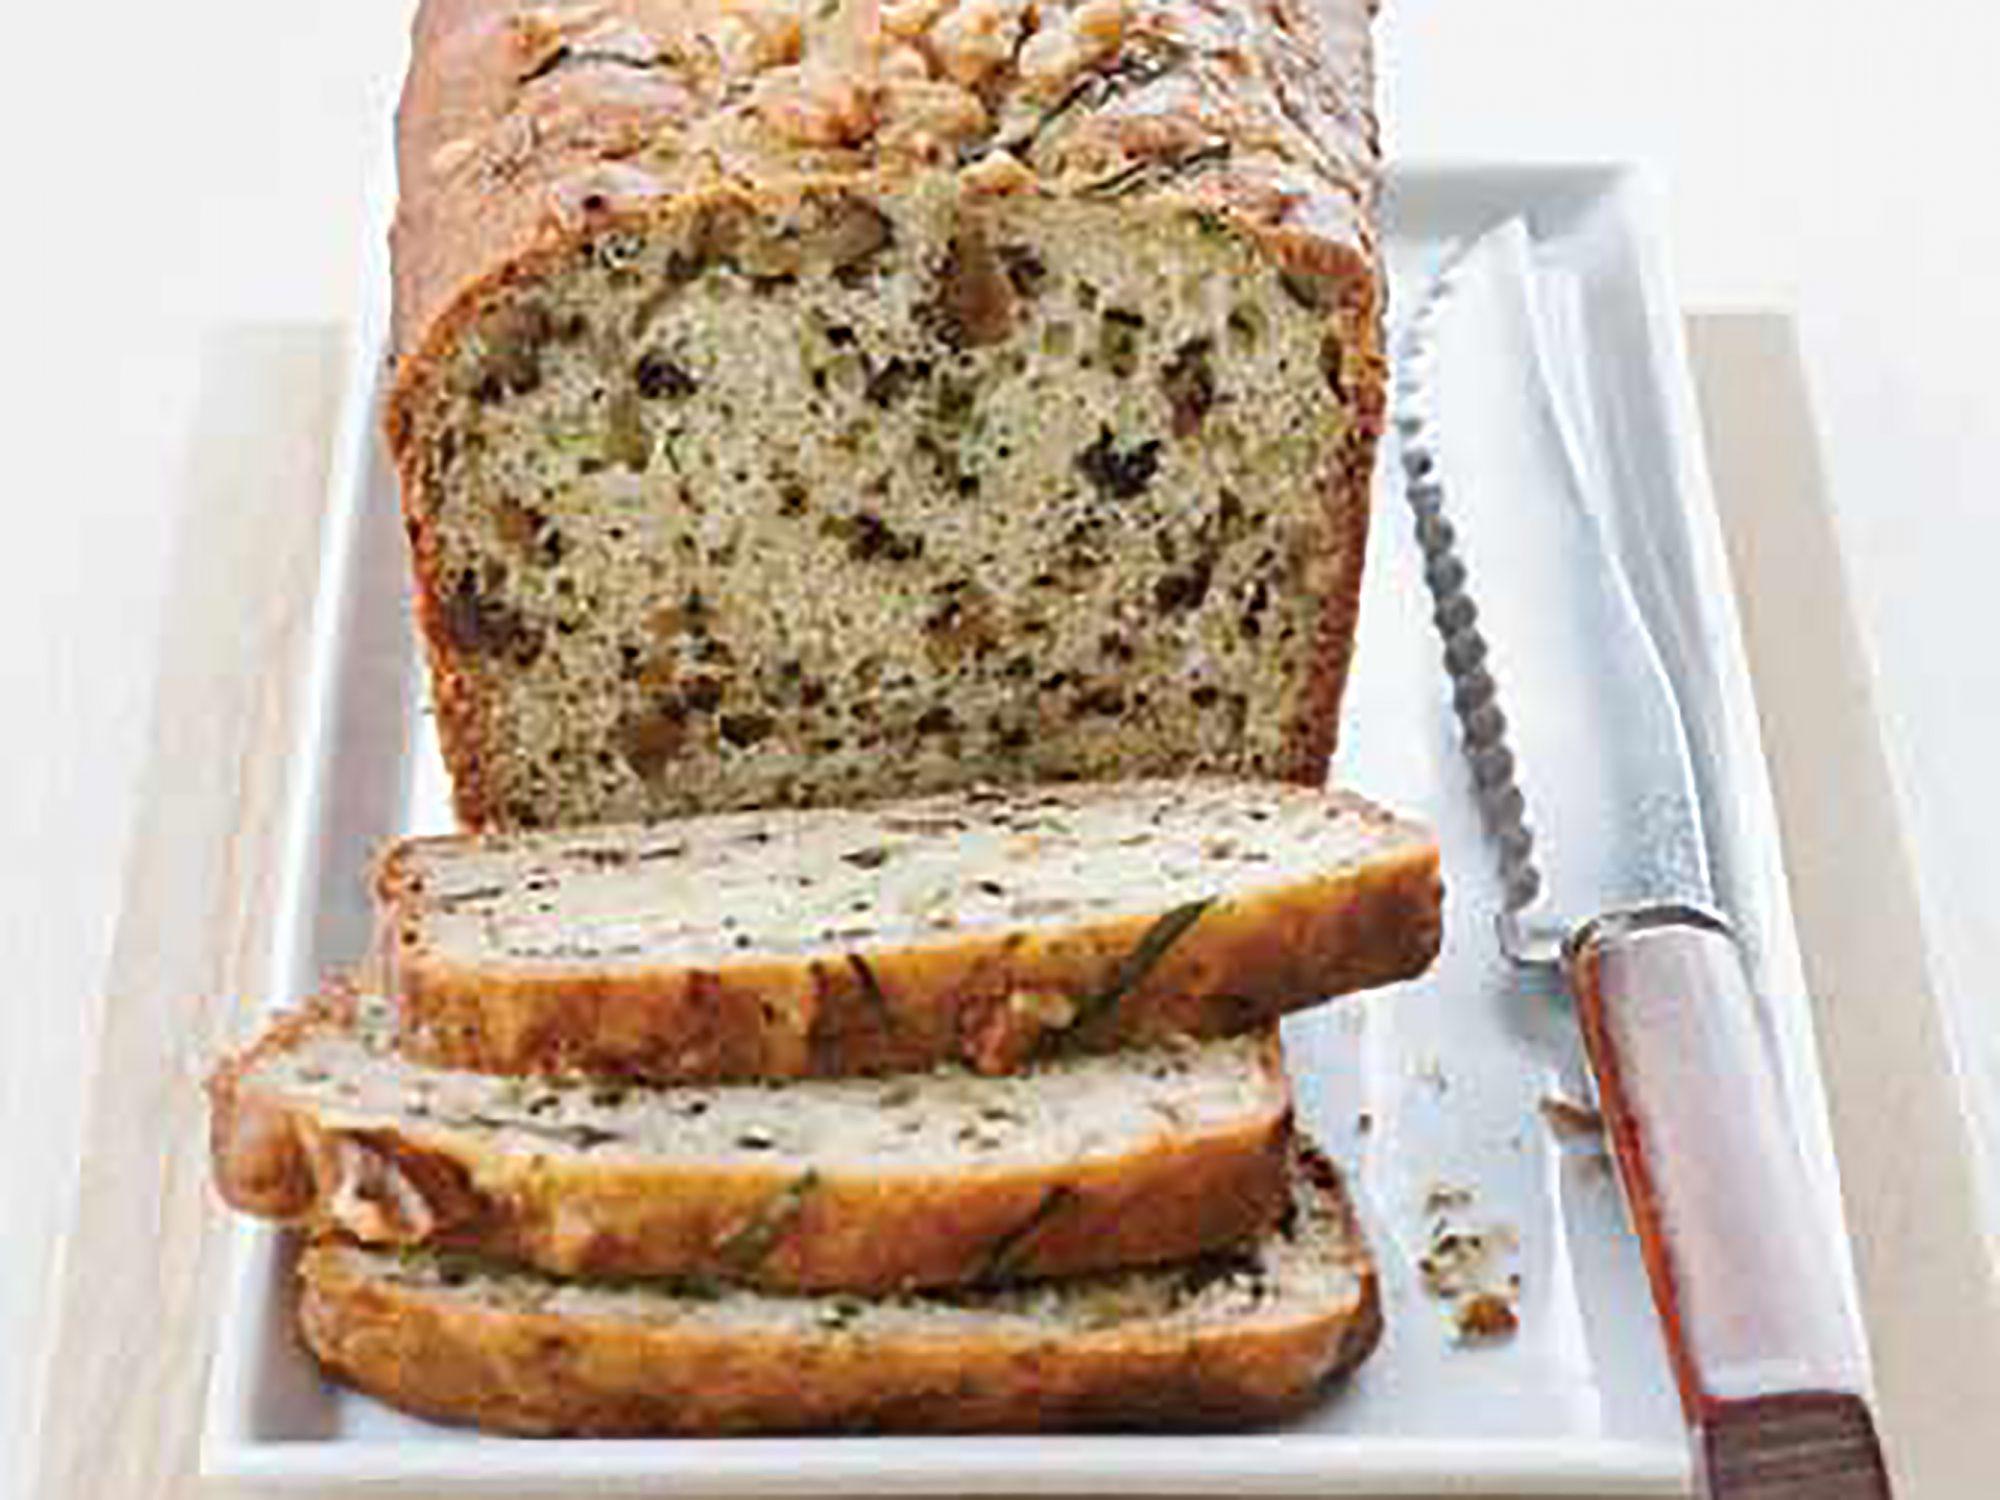 Yogurt-Zucchini Bread with Walnuts